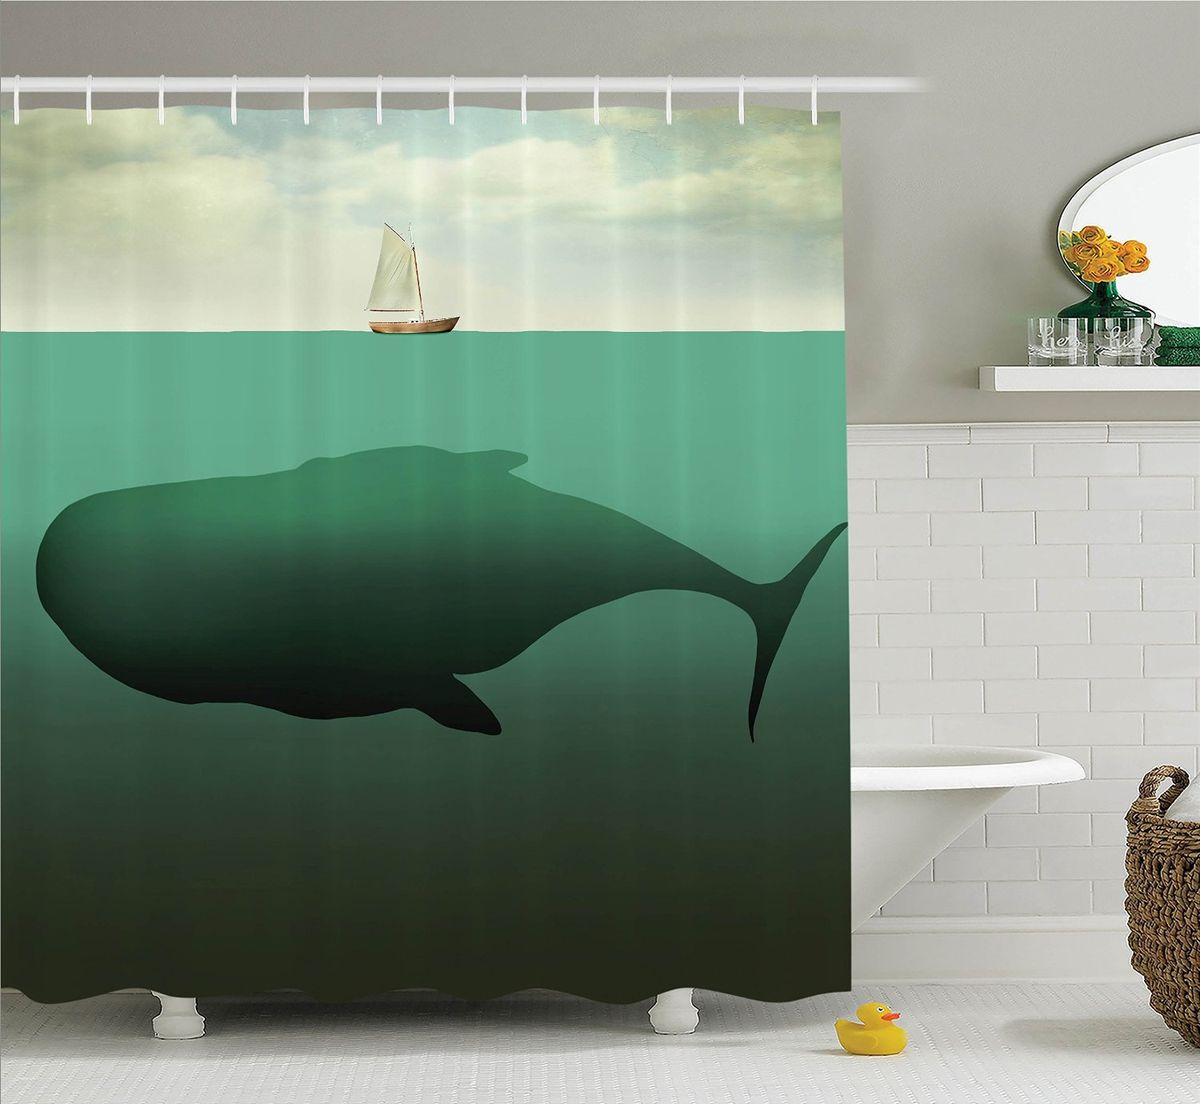 Штора для ванной комнаты Magic Lady Гигантский кит, 180 х 200 см штора для ванной комнаты magic lady дерево в волшебном лесу цвет коричневый оранжевый 180 х 200 см href